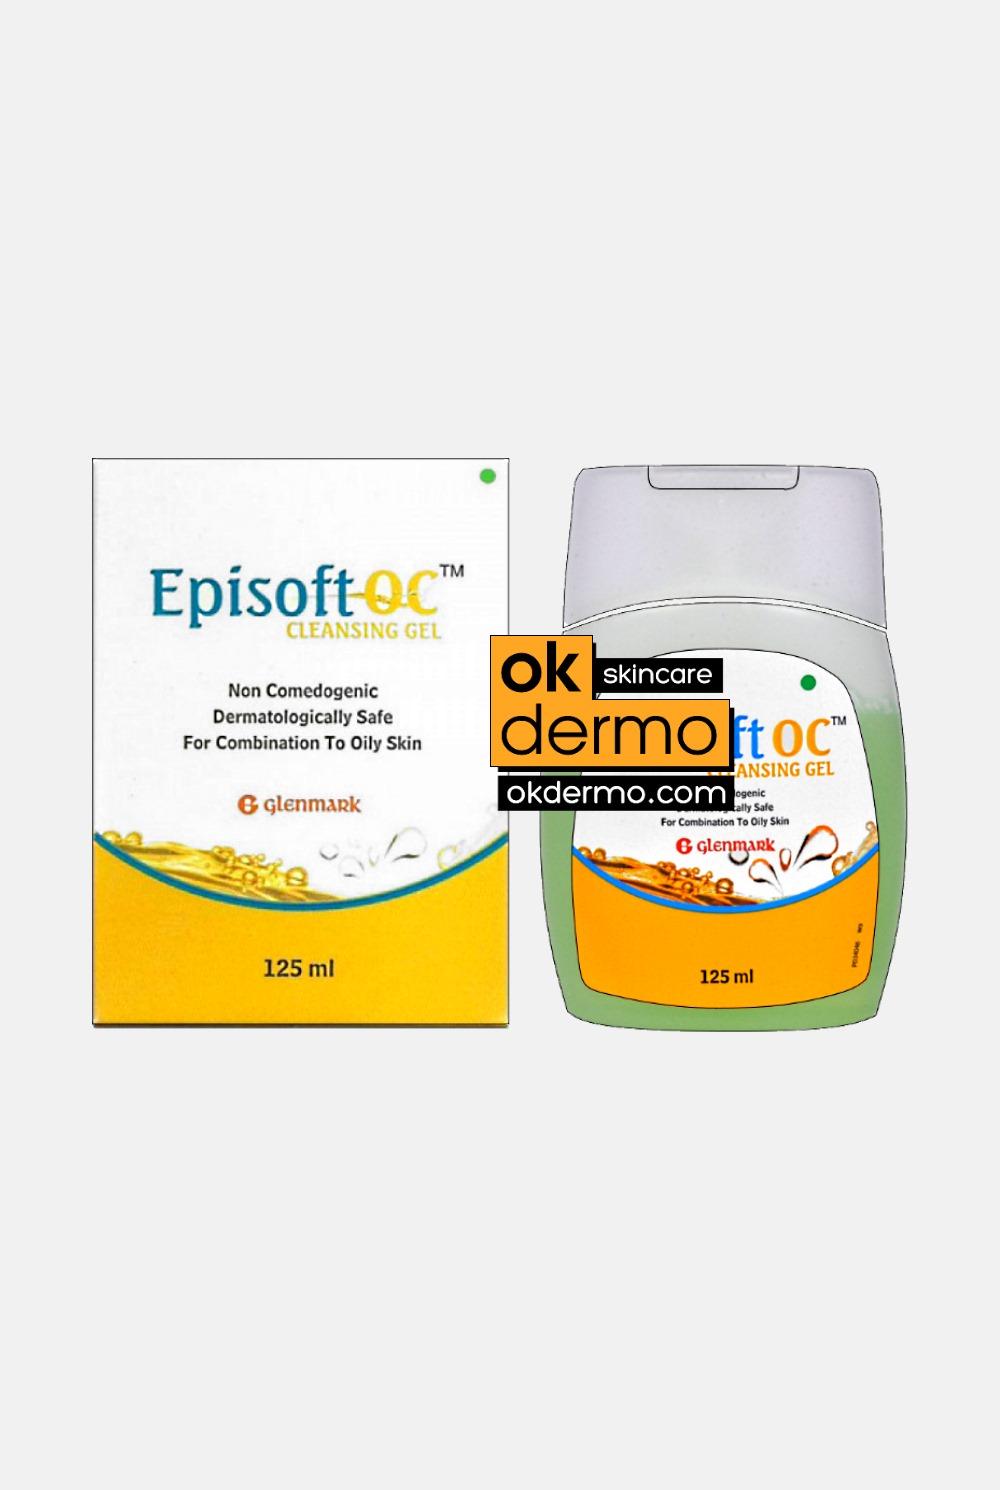 Order Medicated Episoft OC Cleansing Gel